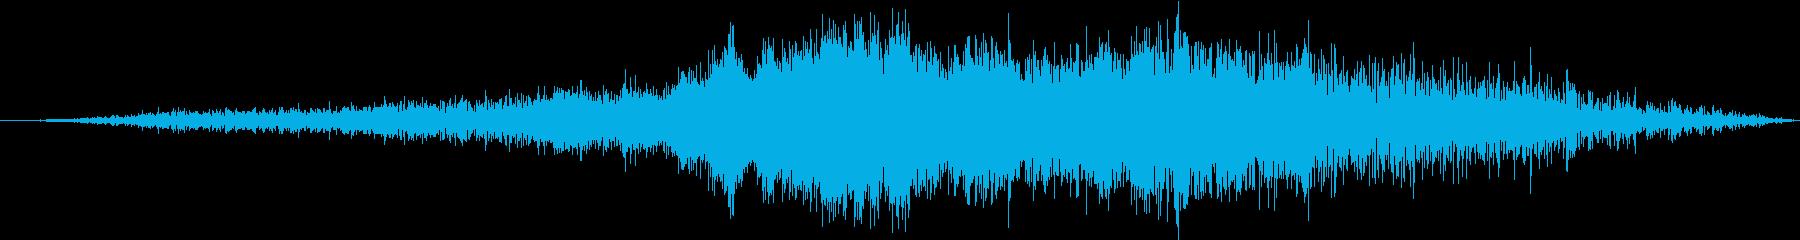 エアバスA319旅客機:内線:通過...の再生済みの波形